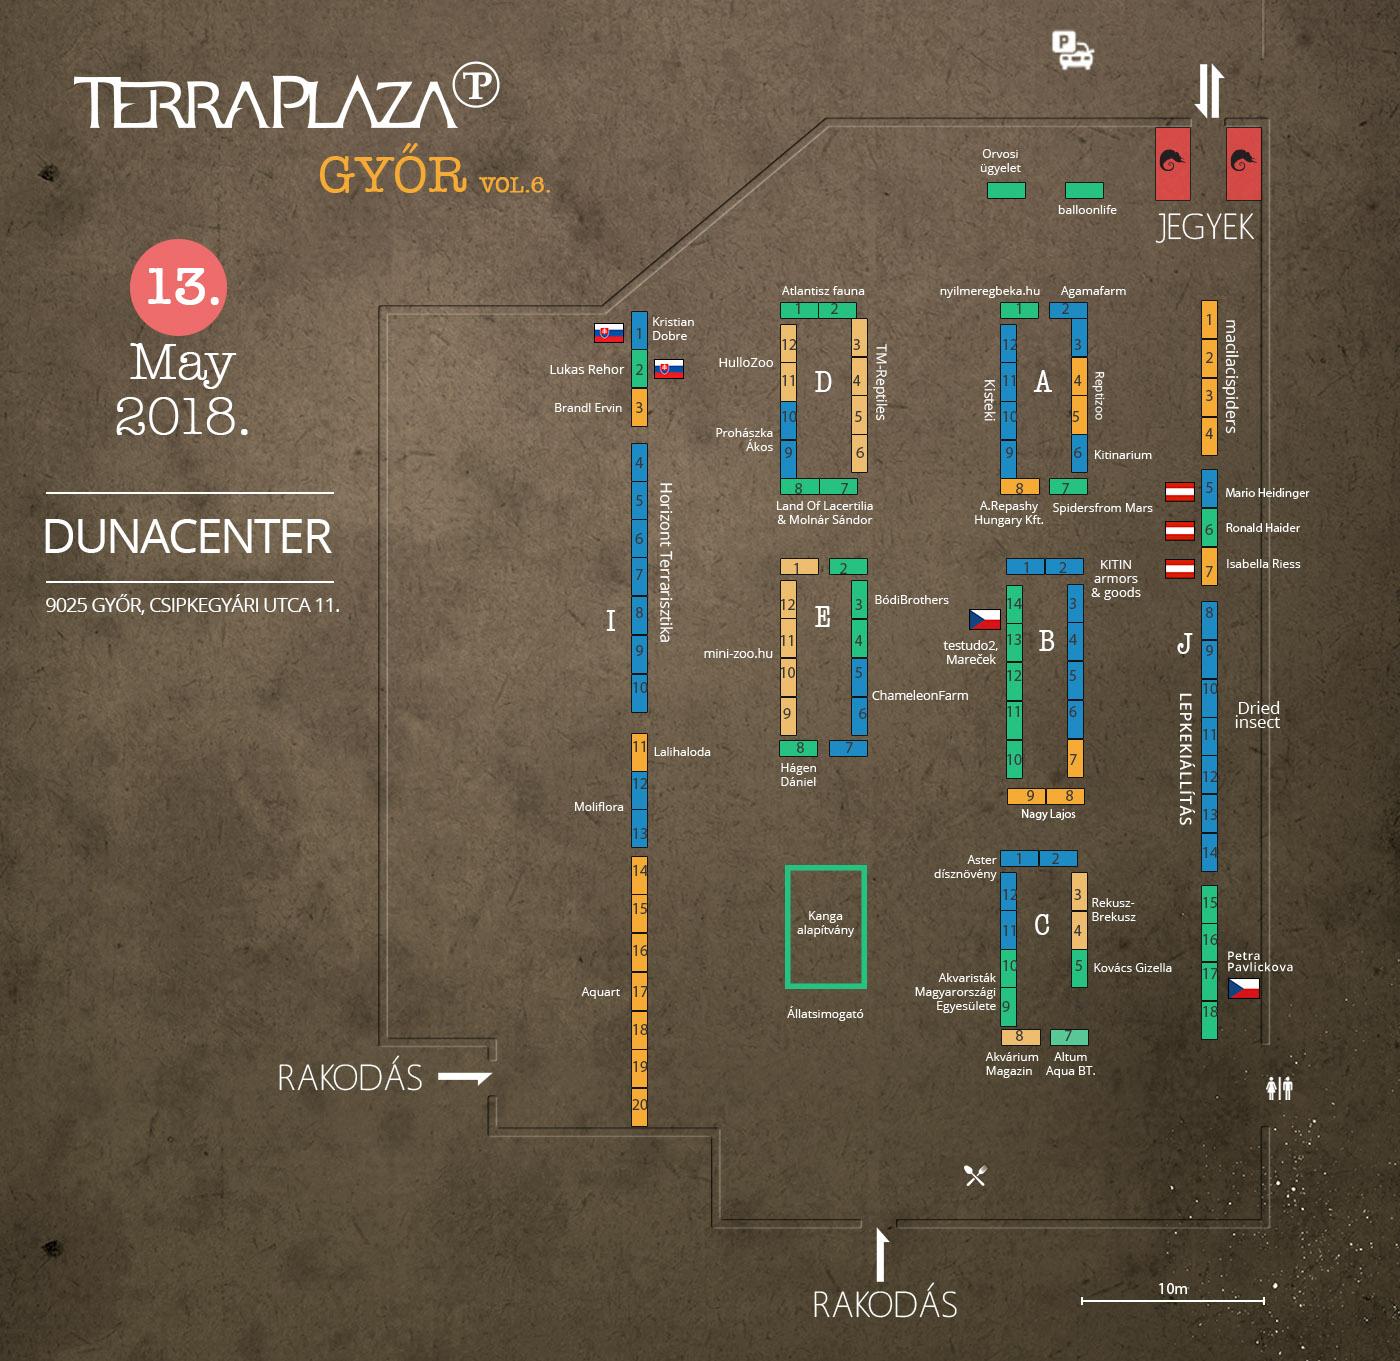 TerraPlaza gyor 6 terkep